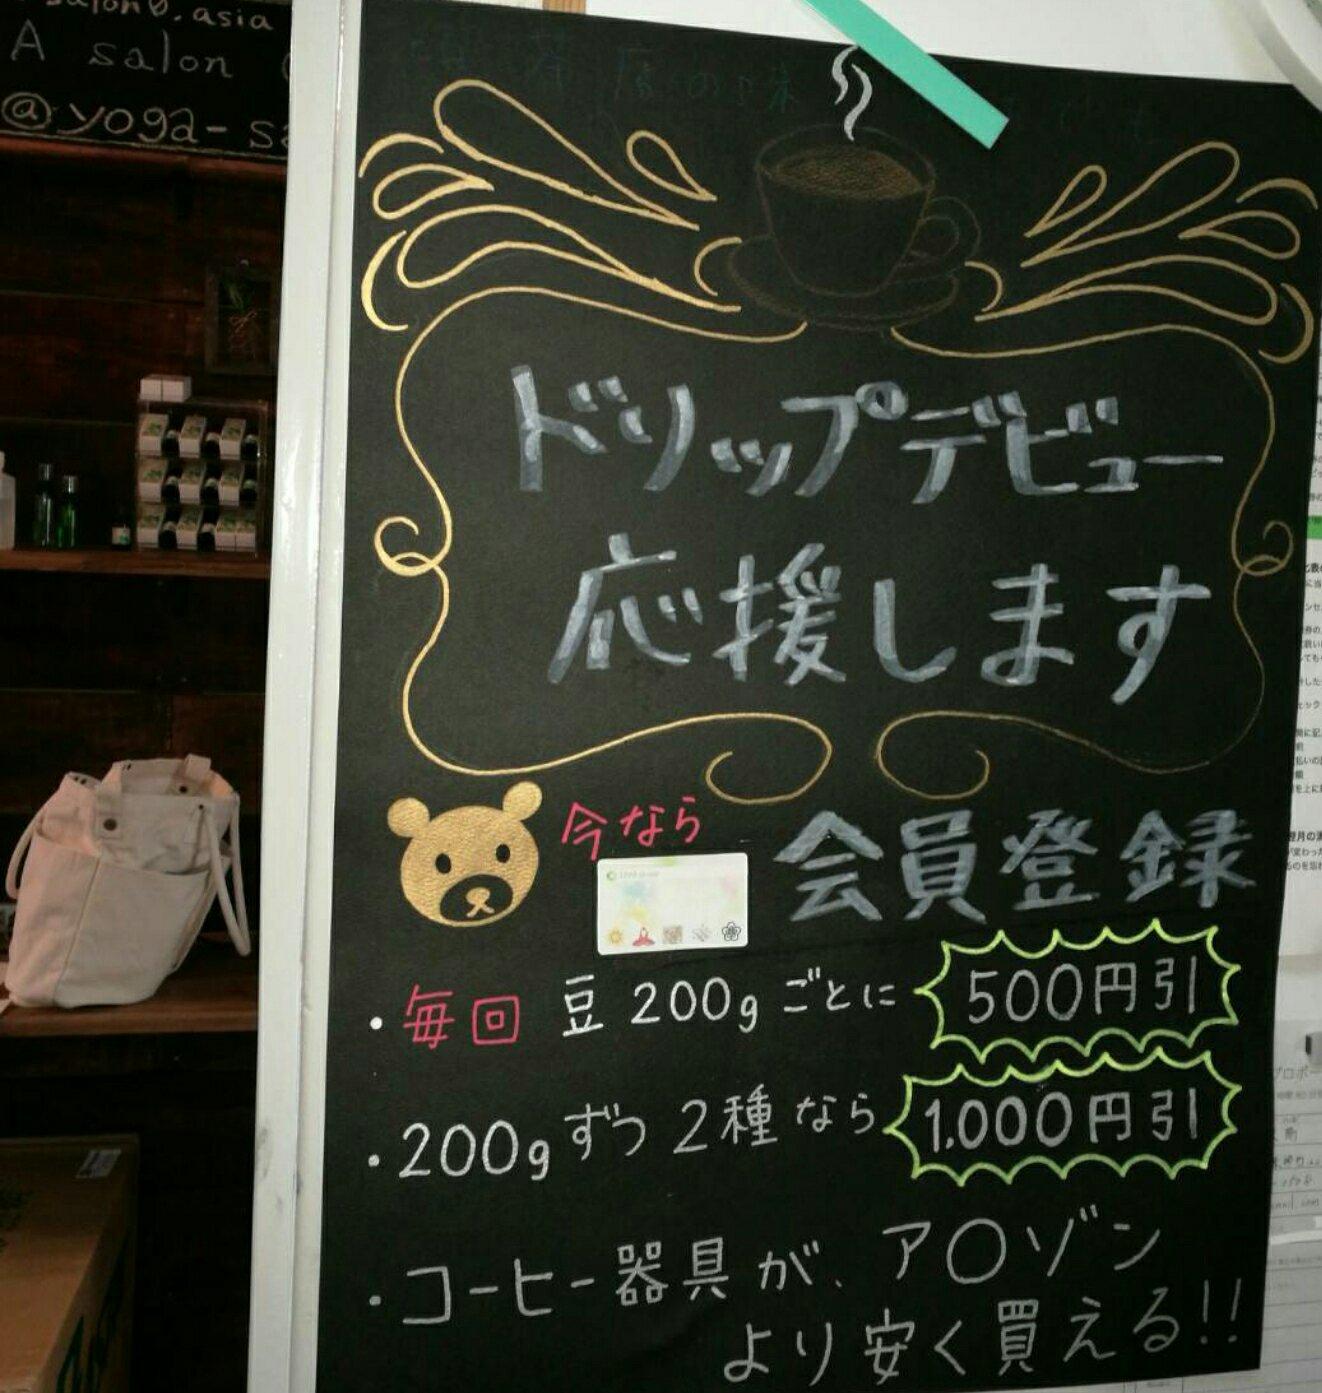 200gごとに【500円引き】☕200g二種類なら【1000円引き】✨✨ コーヒーに合う❤『保存版フワフワしっとりパンのレシピ』